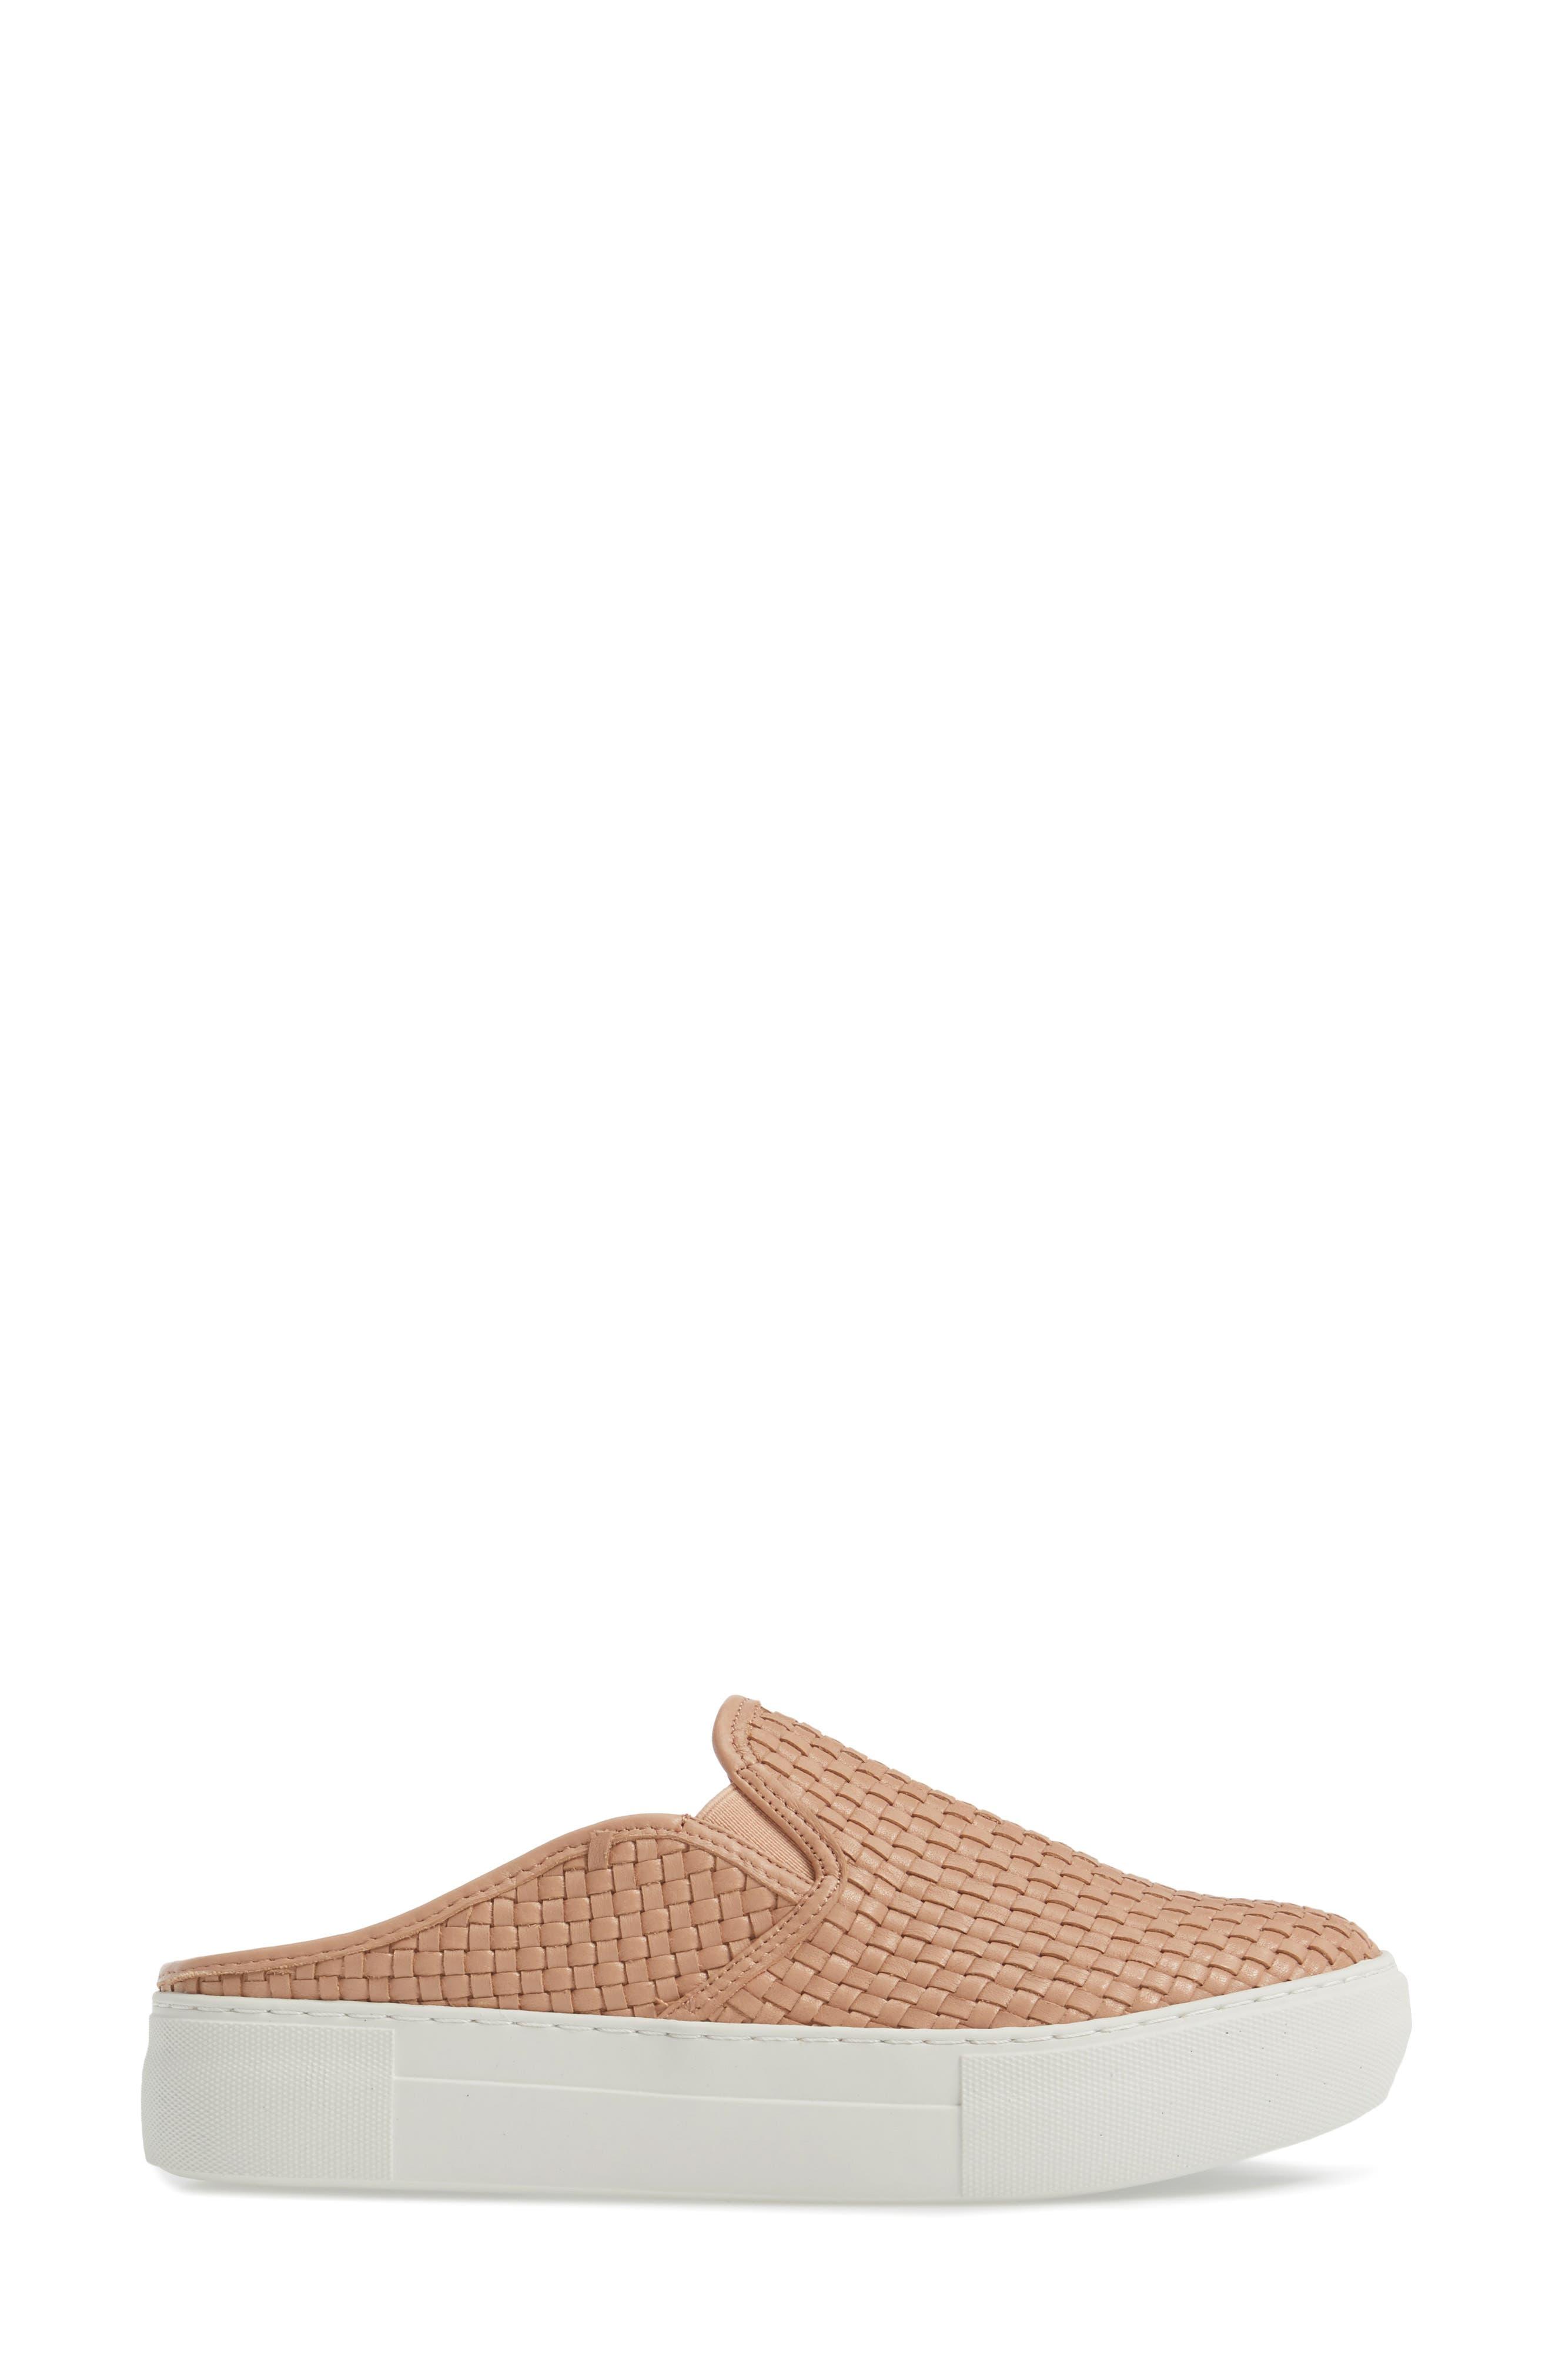 Aubrey Woven Platform Mule,                             Alternate thumbnail 3, color,                             Blush Leather